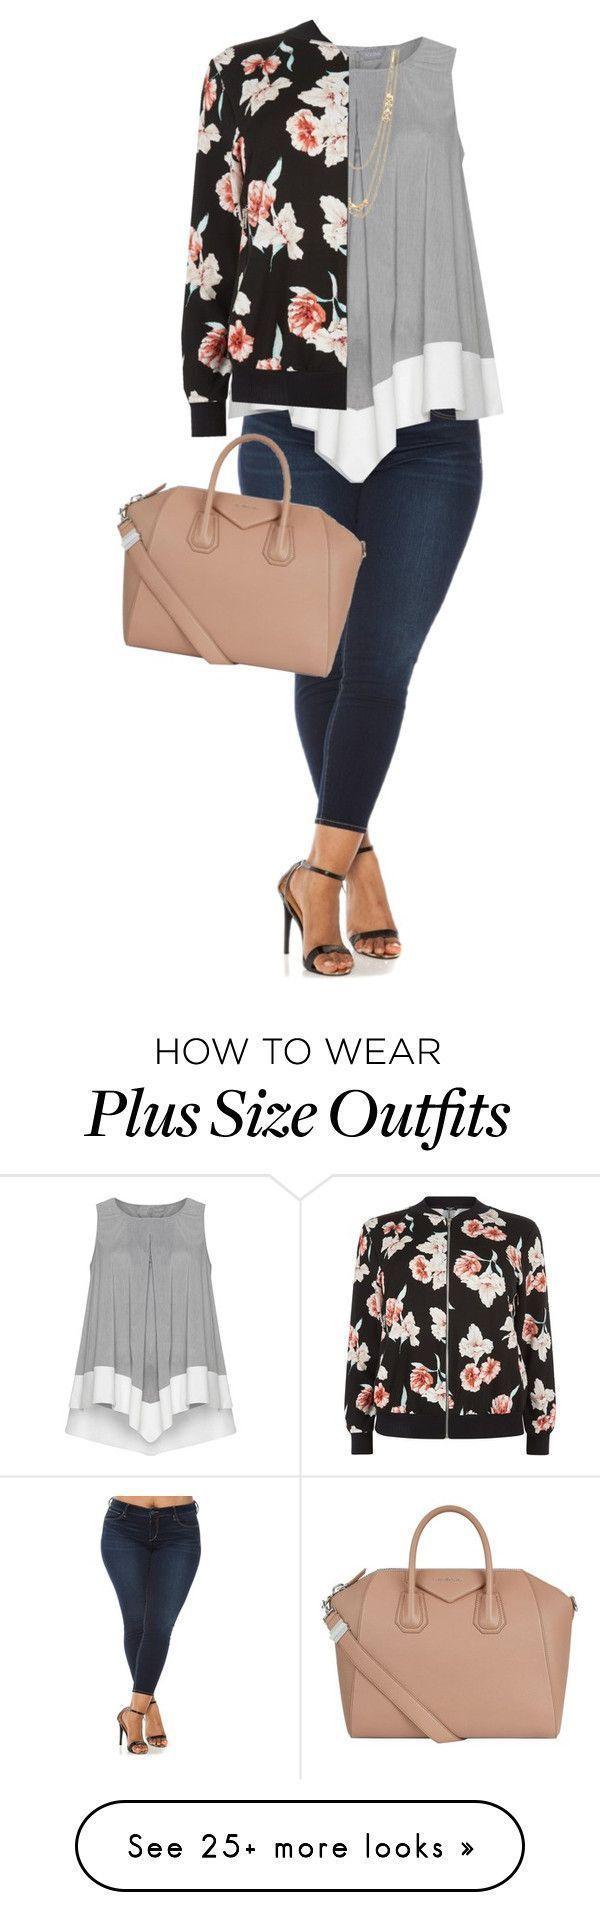 Bei Mode geht es nicht um Größe, sondern um Haltung. Entdecken Sie mehr www.chicwe.com